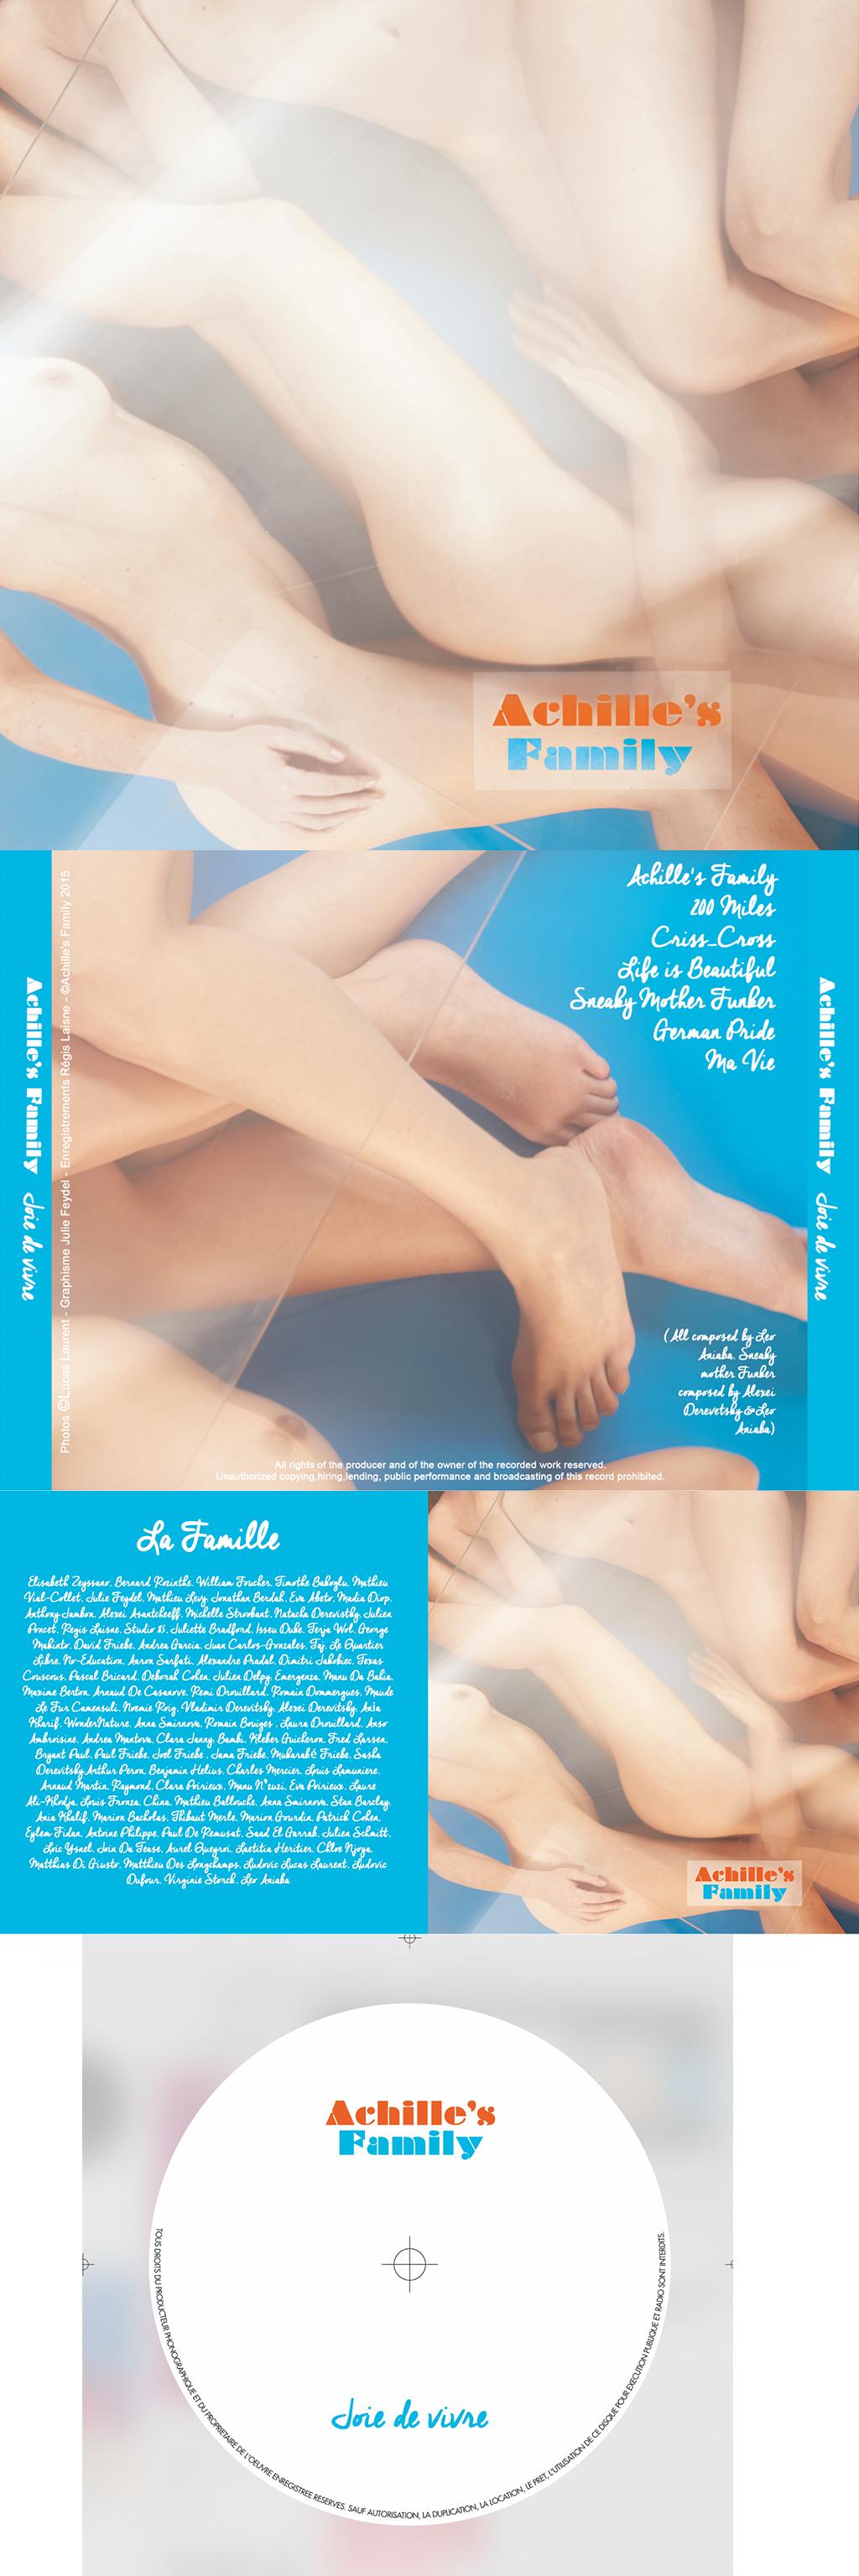 EP//joie de vivre//Achille's Family